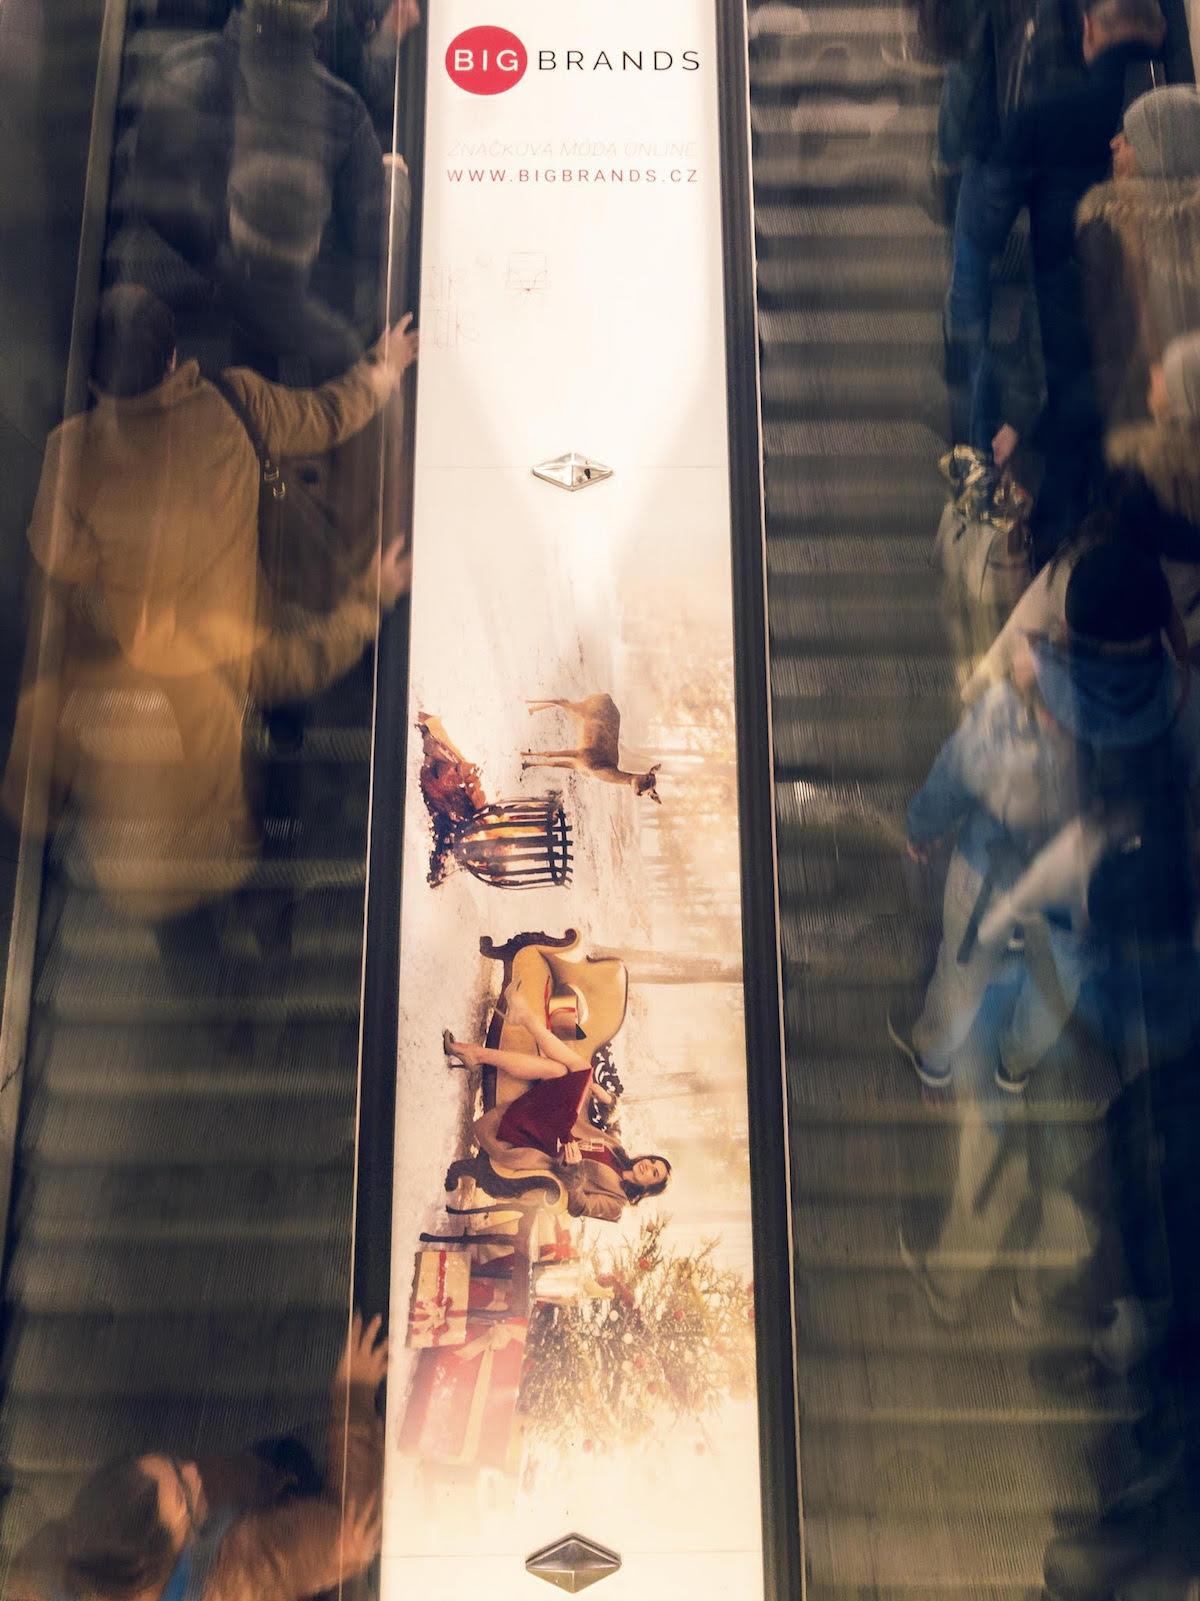 Vánoční kampaň BigBrands na eskalátorech v metru